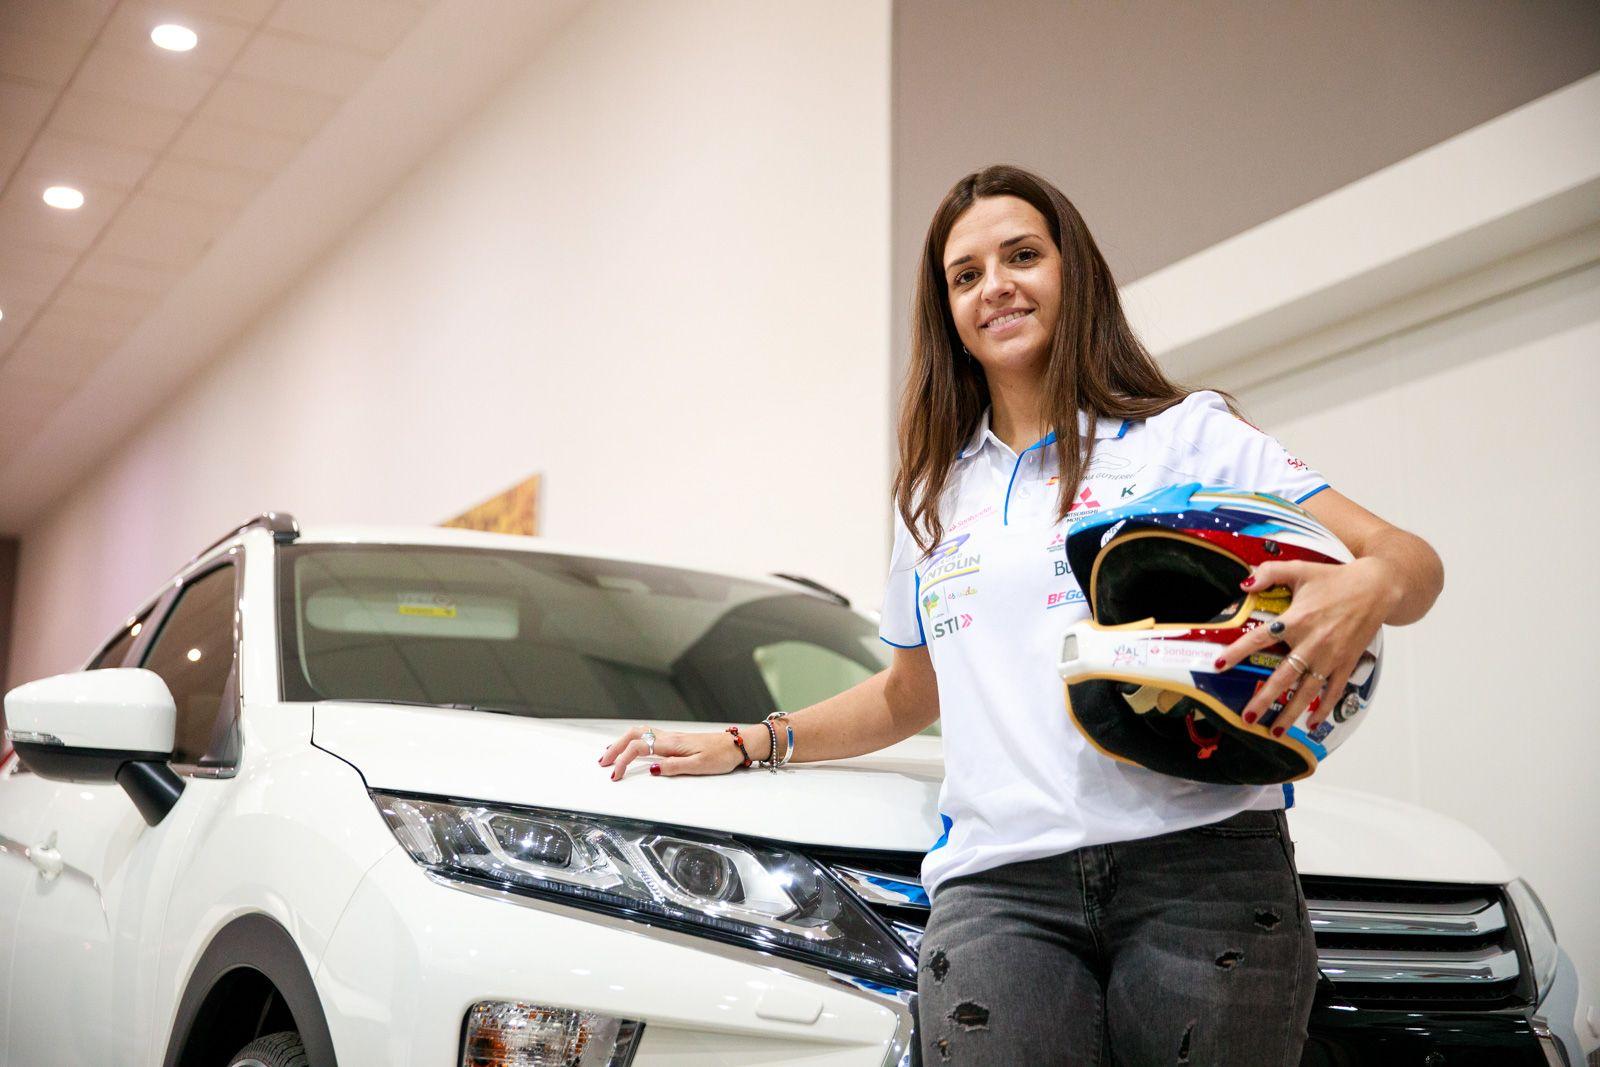 Cristina Gutiérrez visita nuestra concesión Mitsubishi Gil Automoción tras batir el record personal en su tercer Dakar finalizado